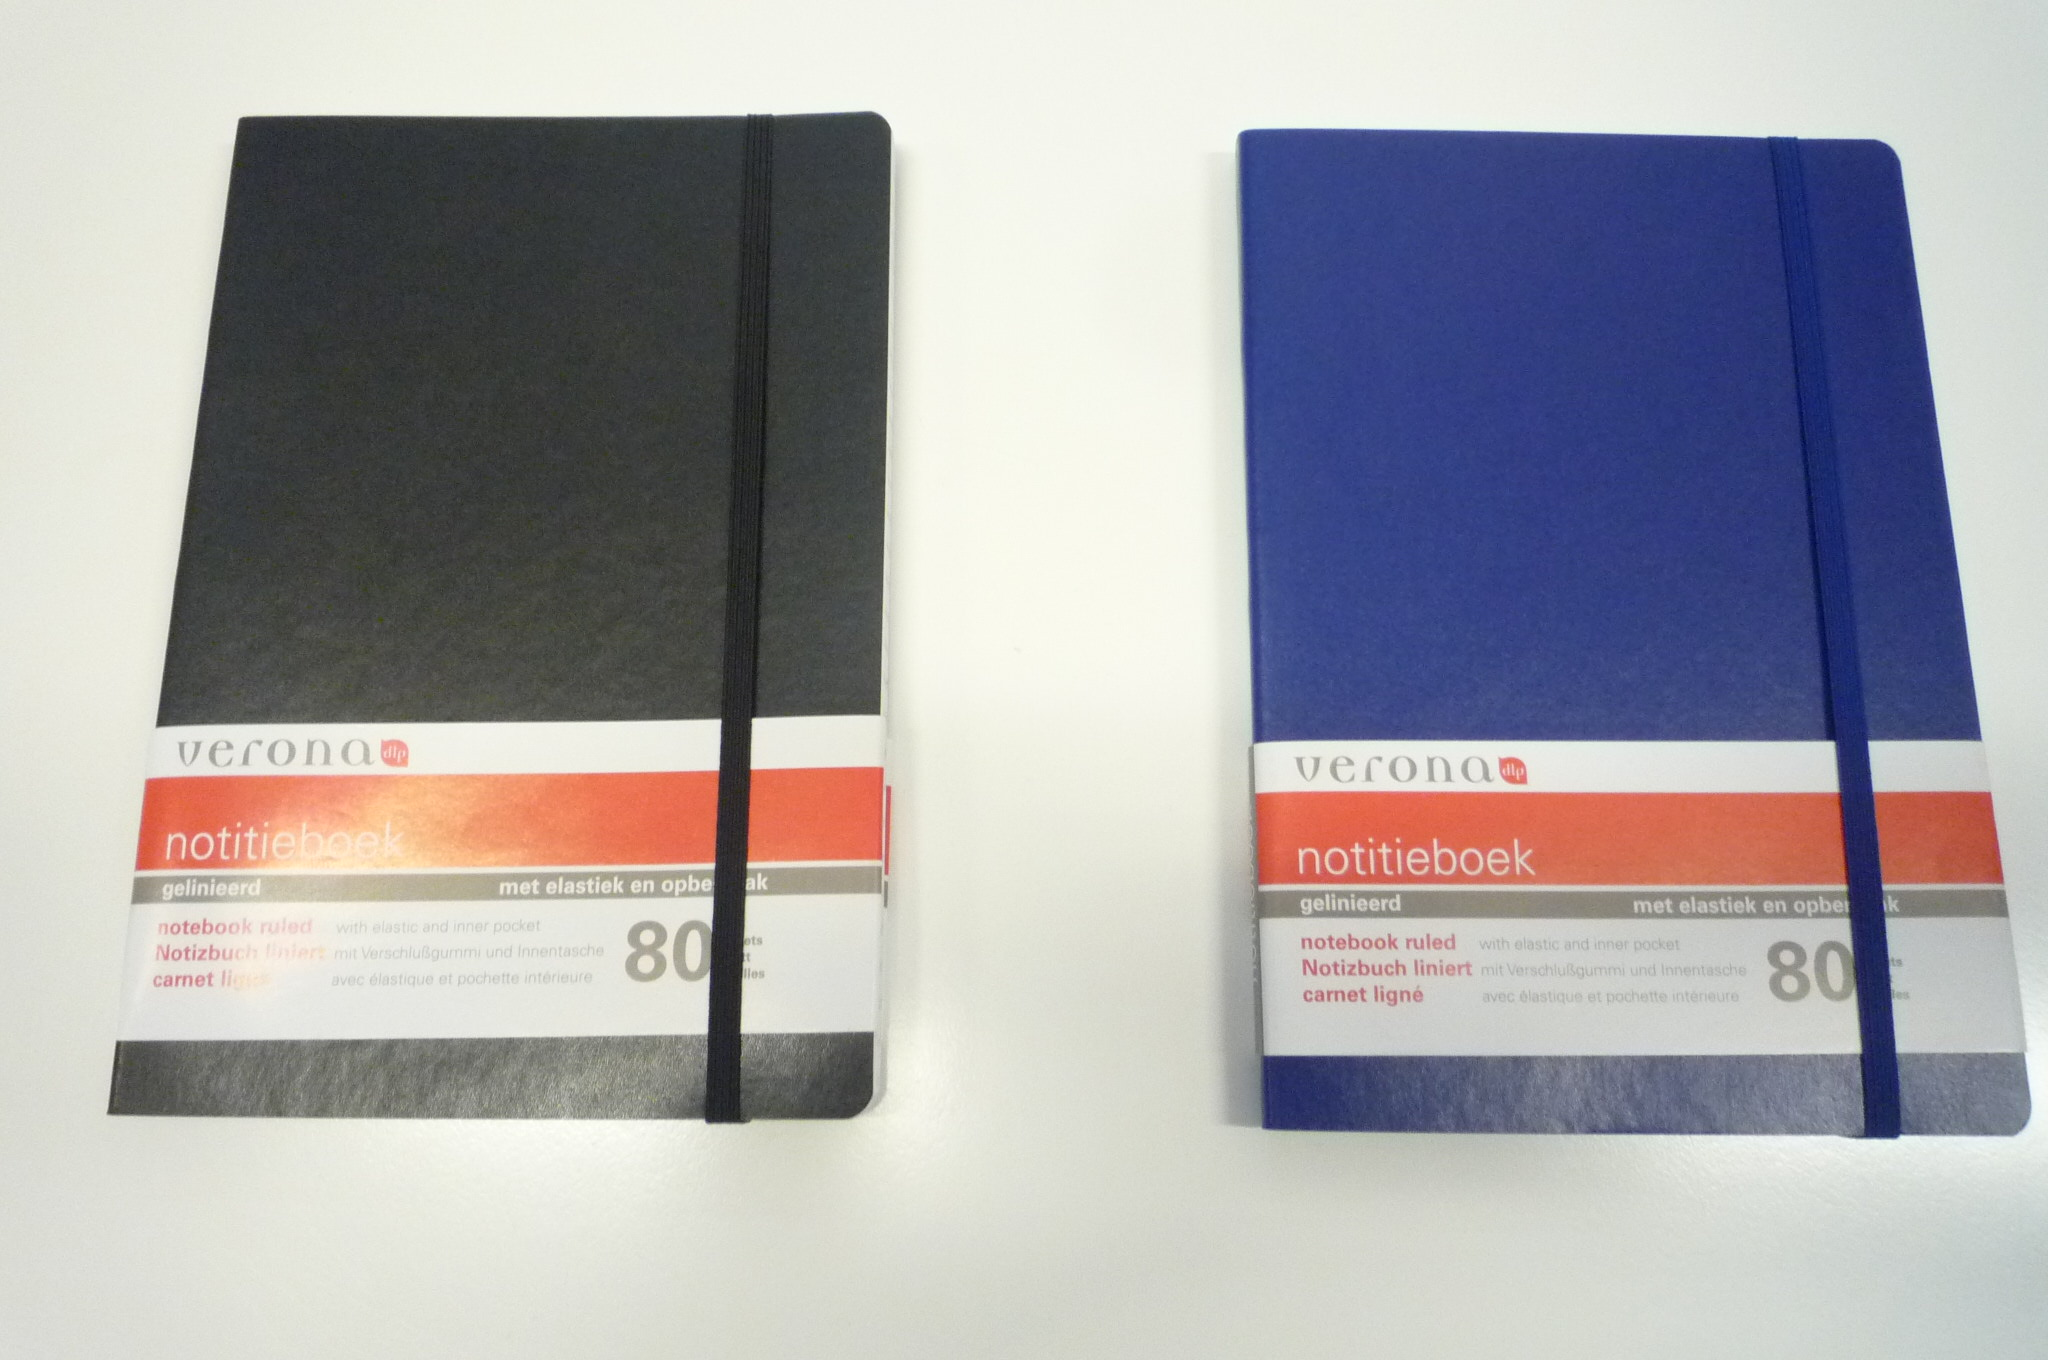 Notitieboek A5 met elastiek Verona 1962